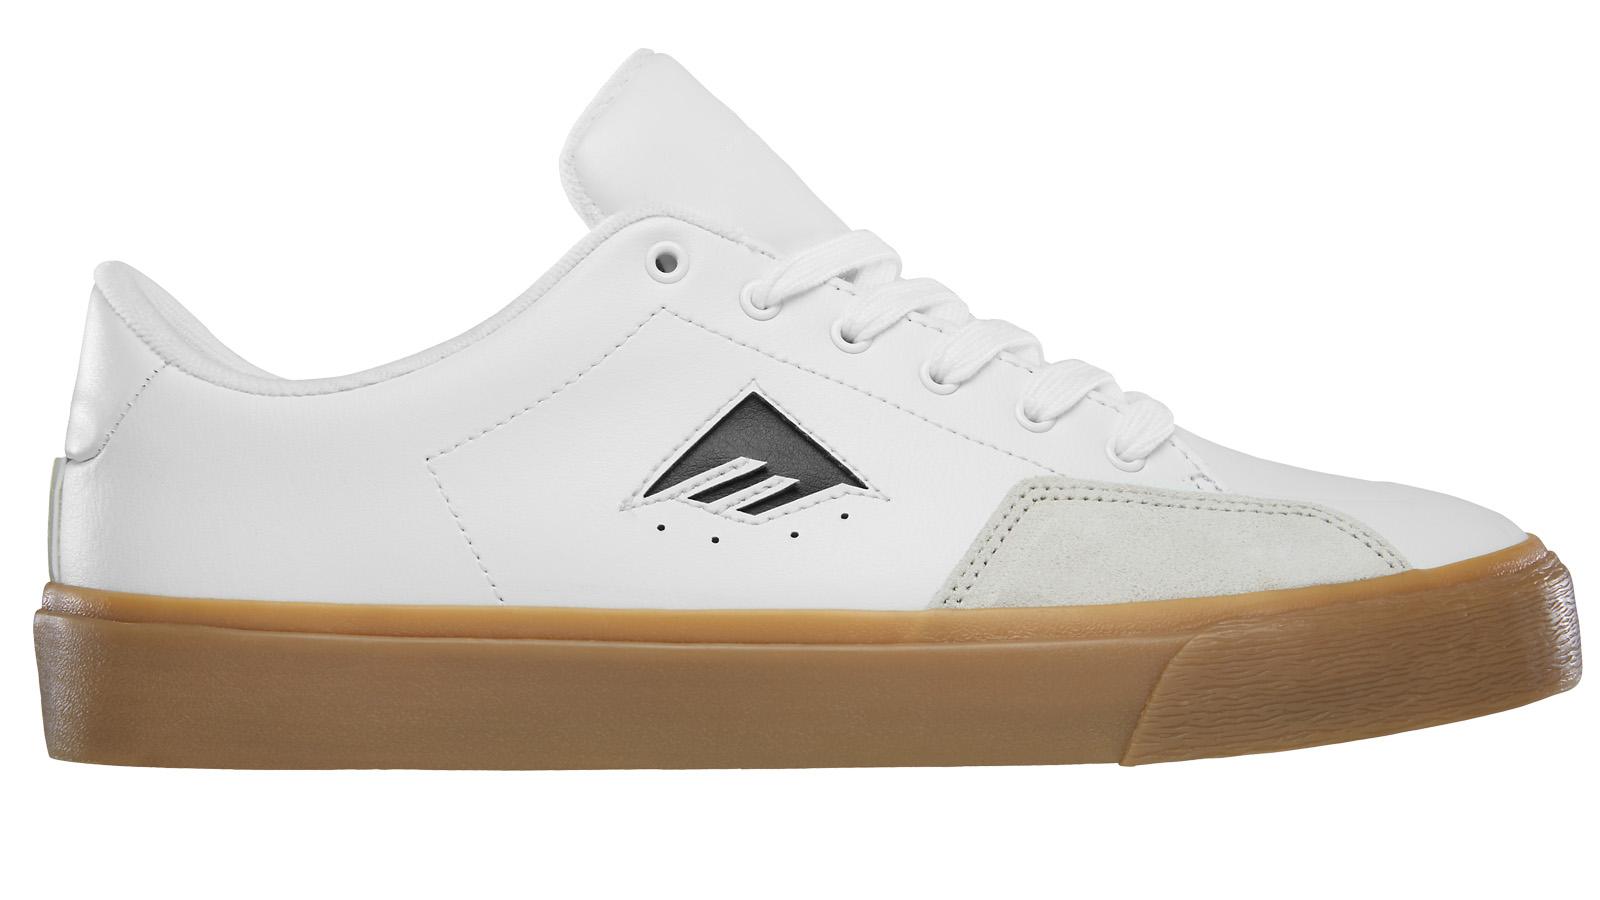 Emerica FW 2021 Skate Footwear